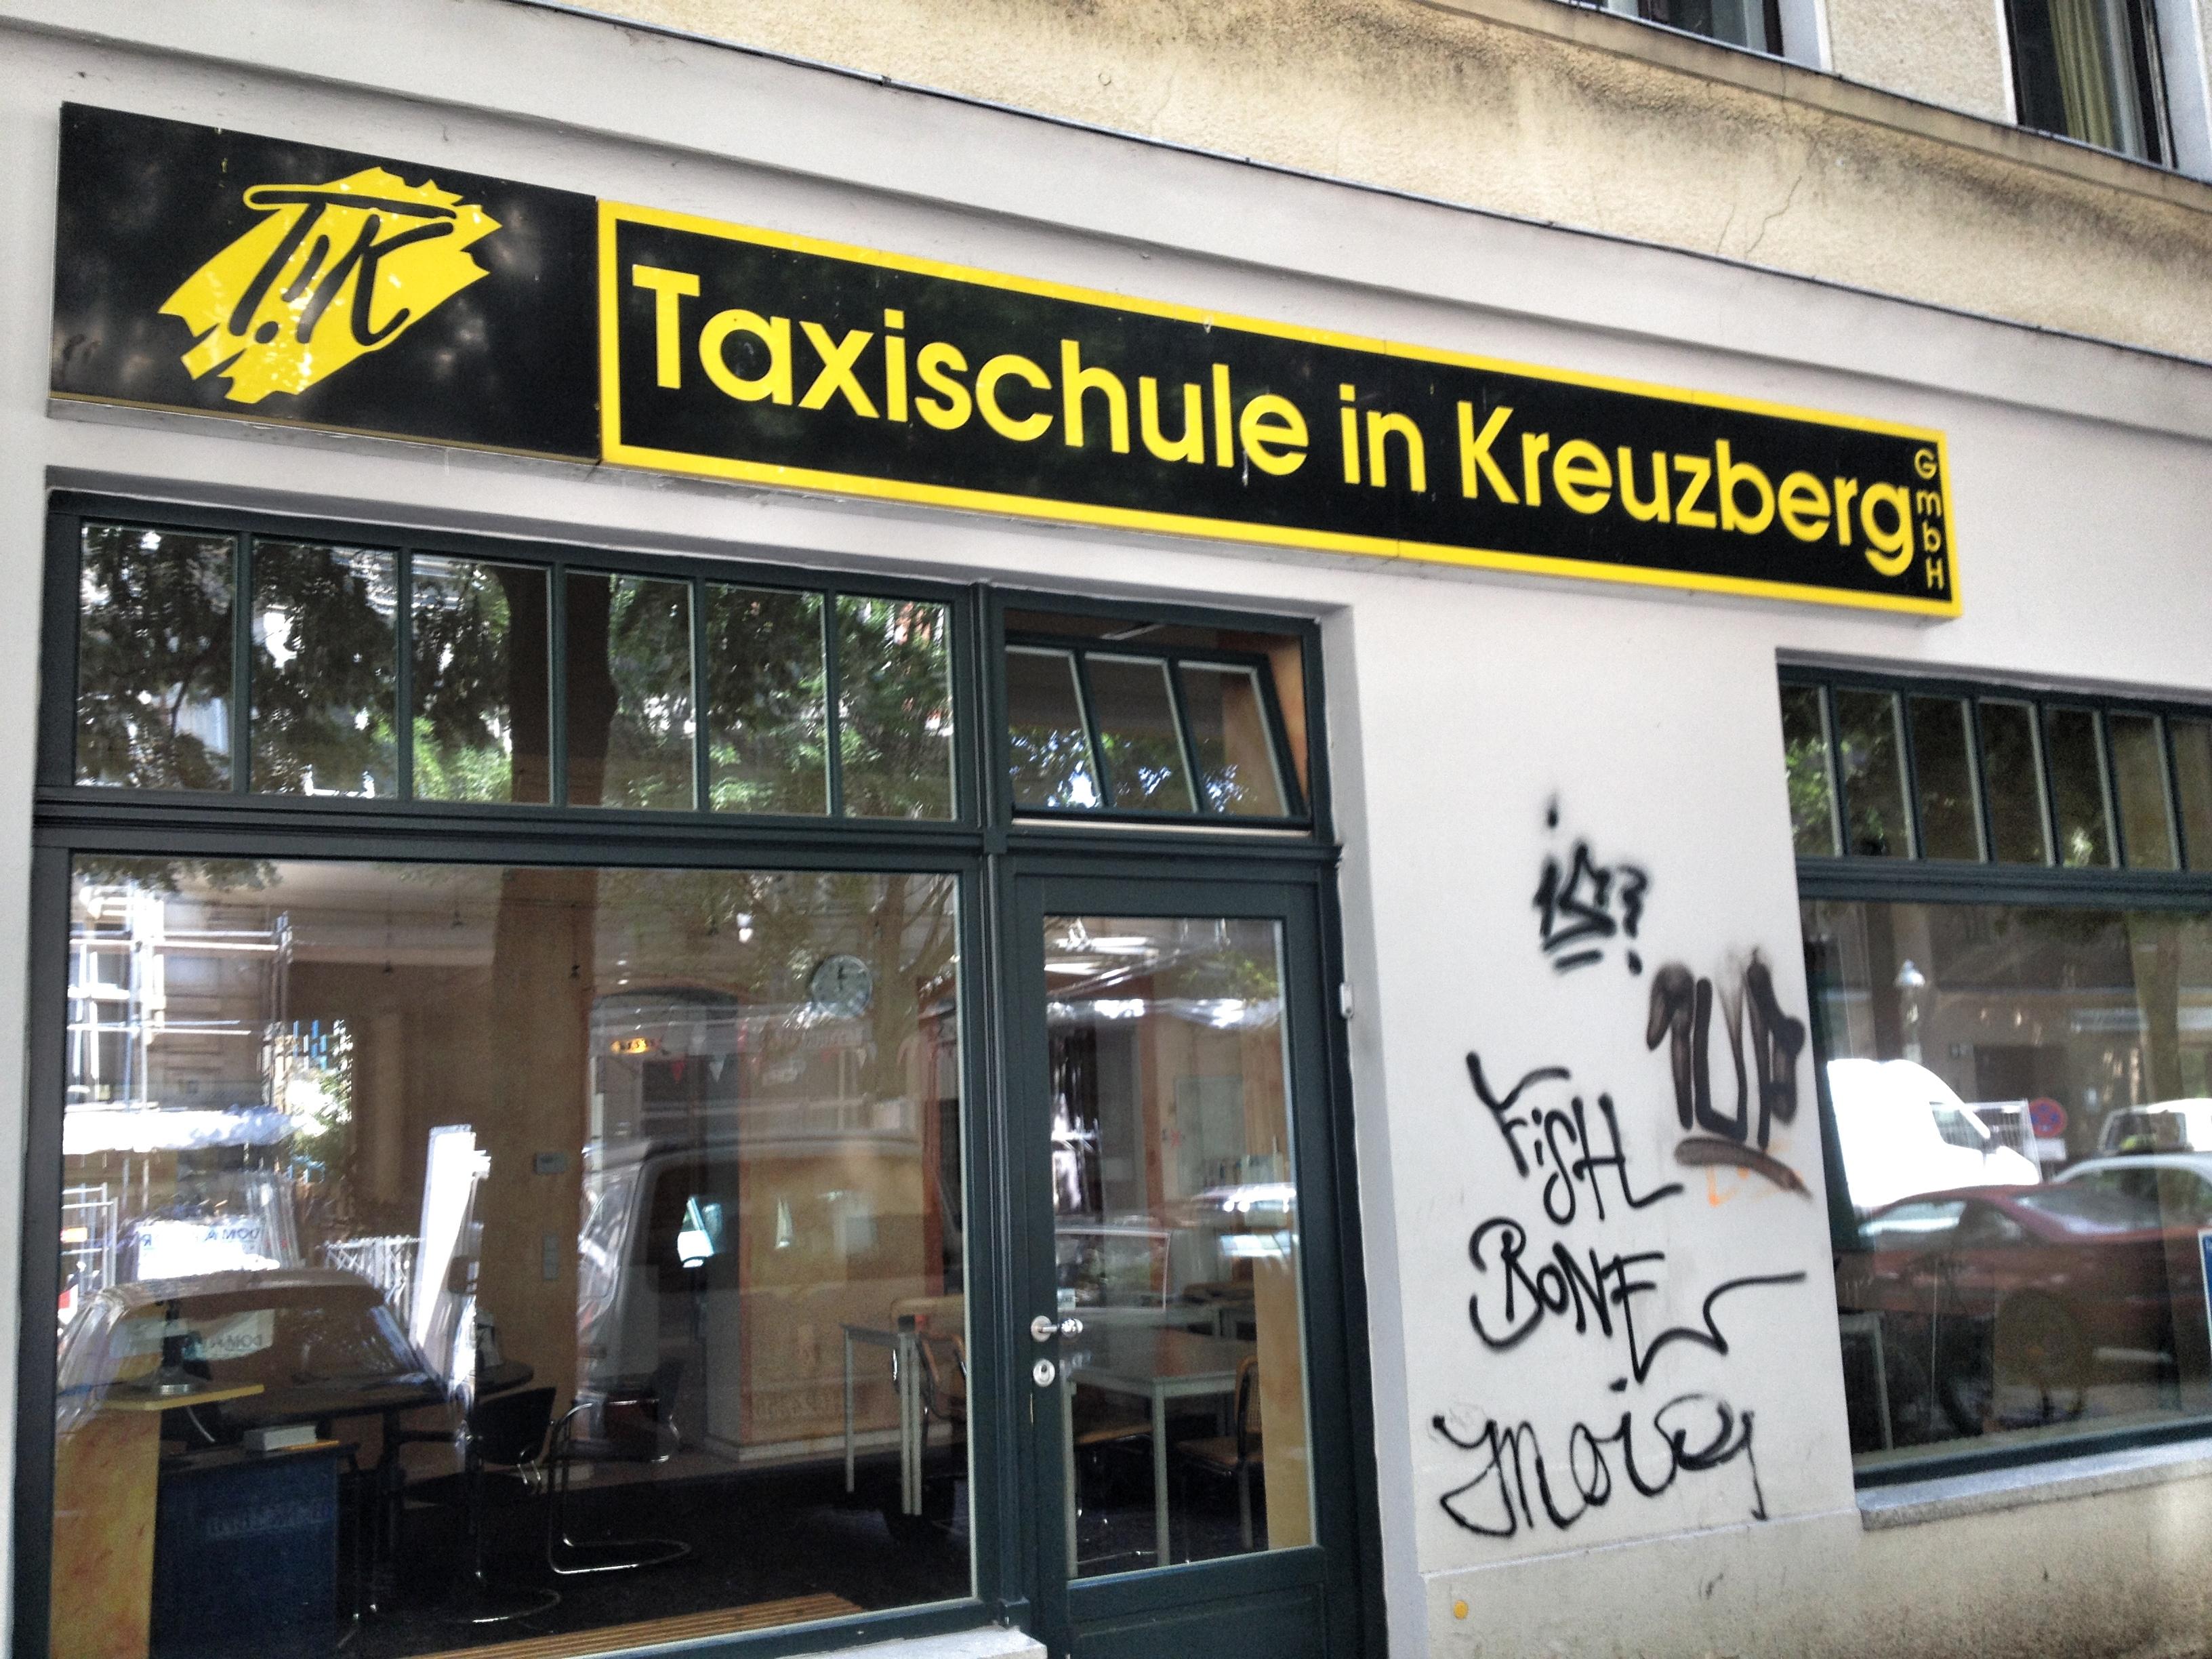 Taxischule in Kreuzberg